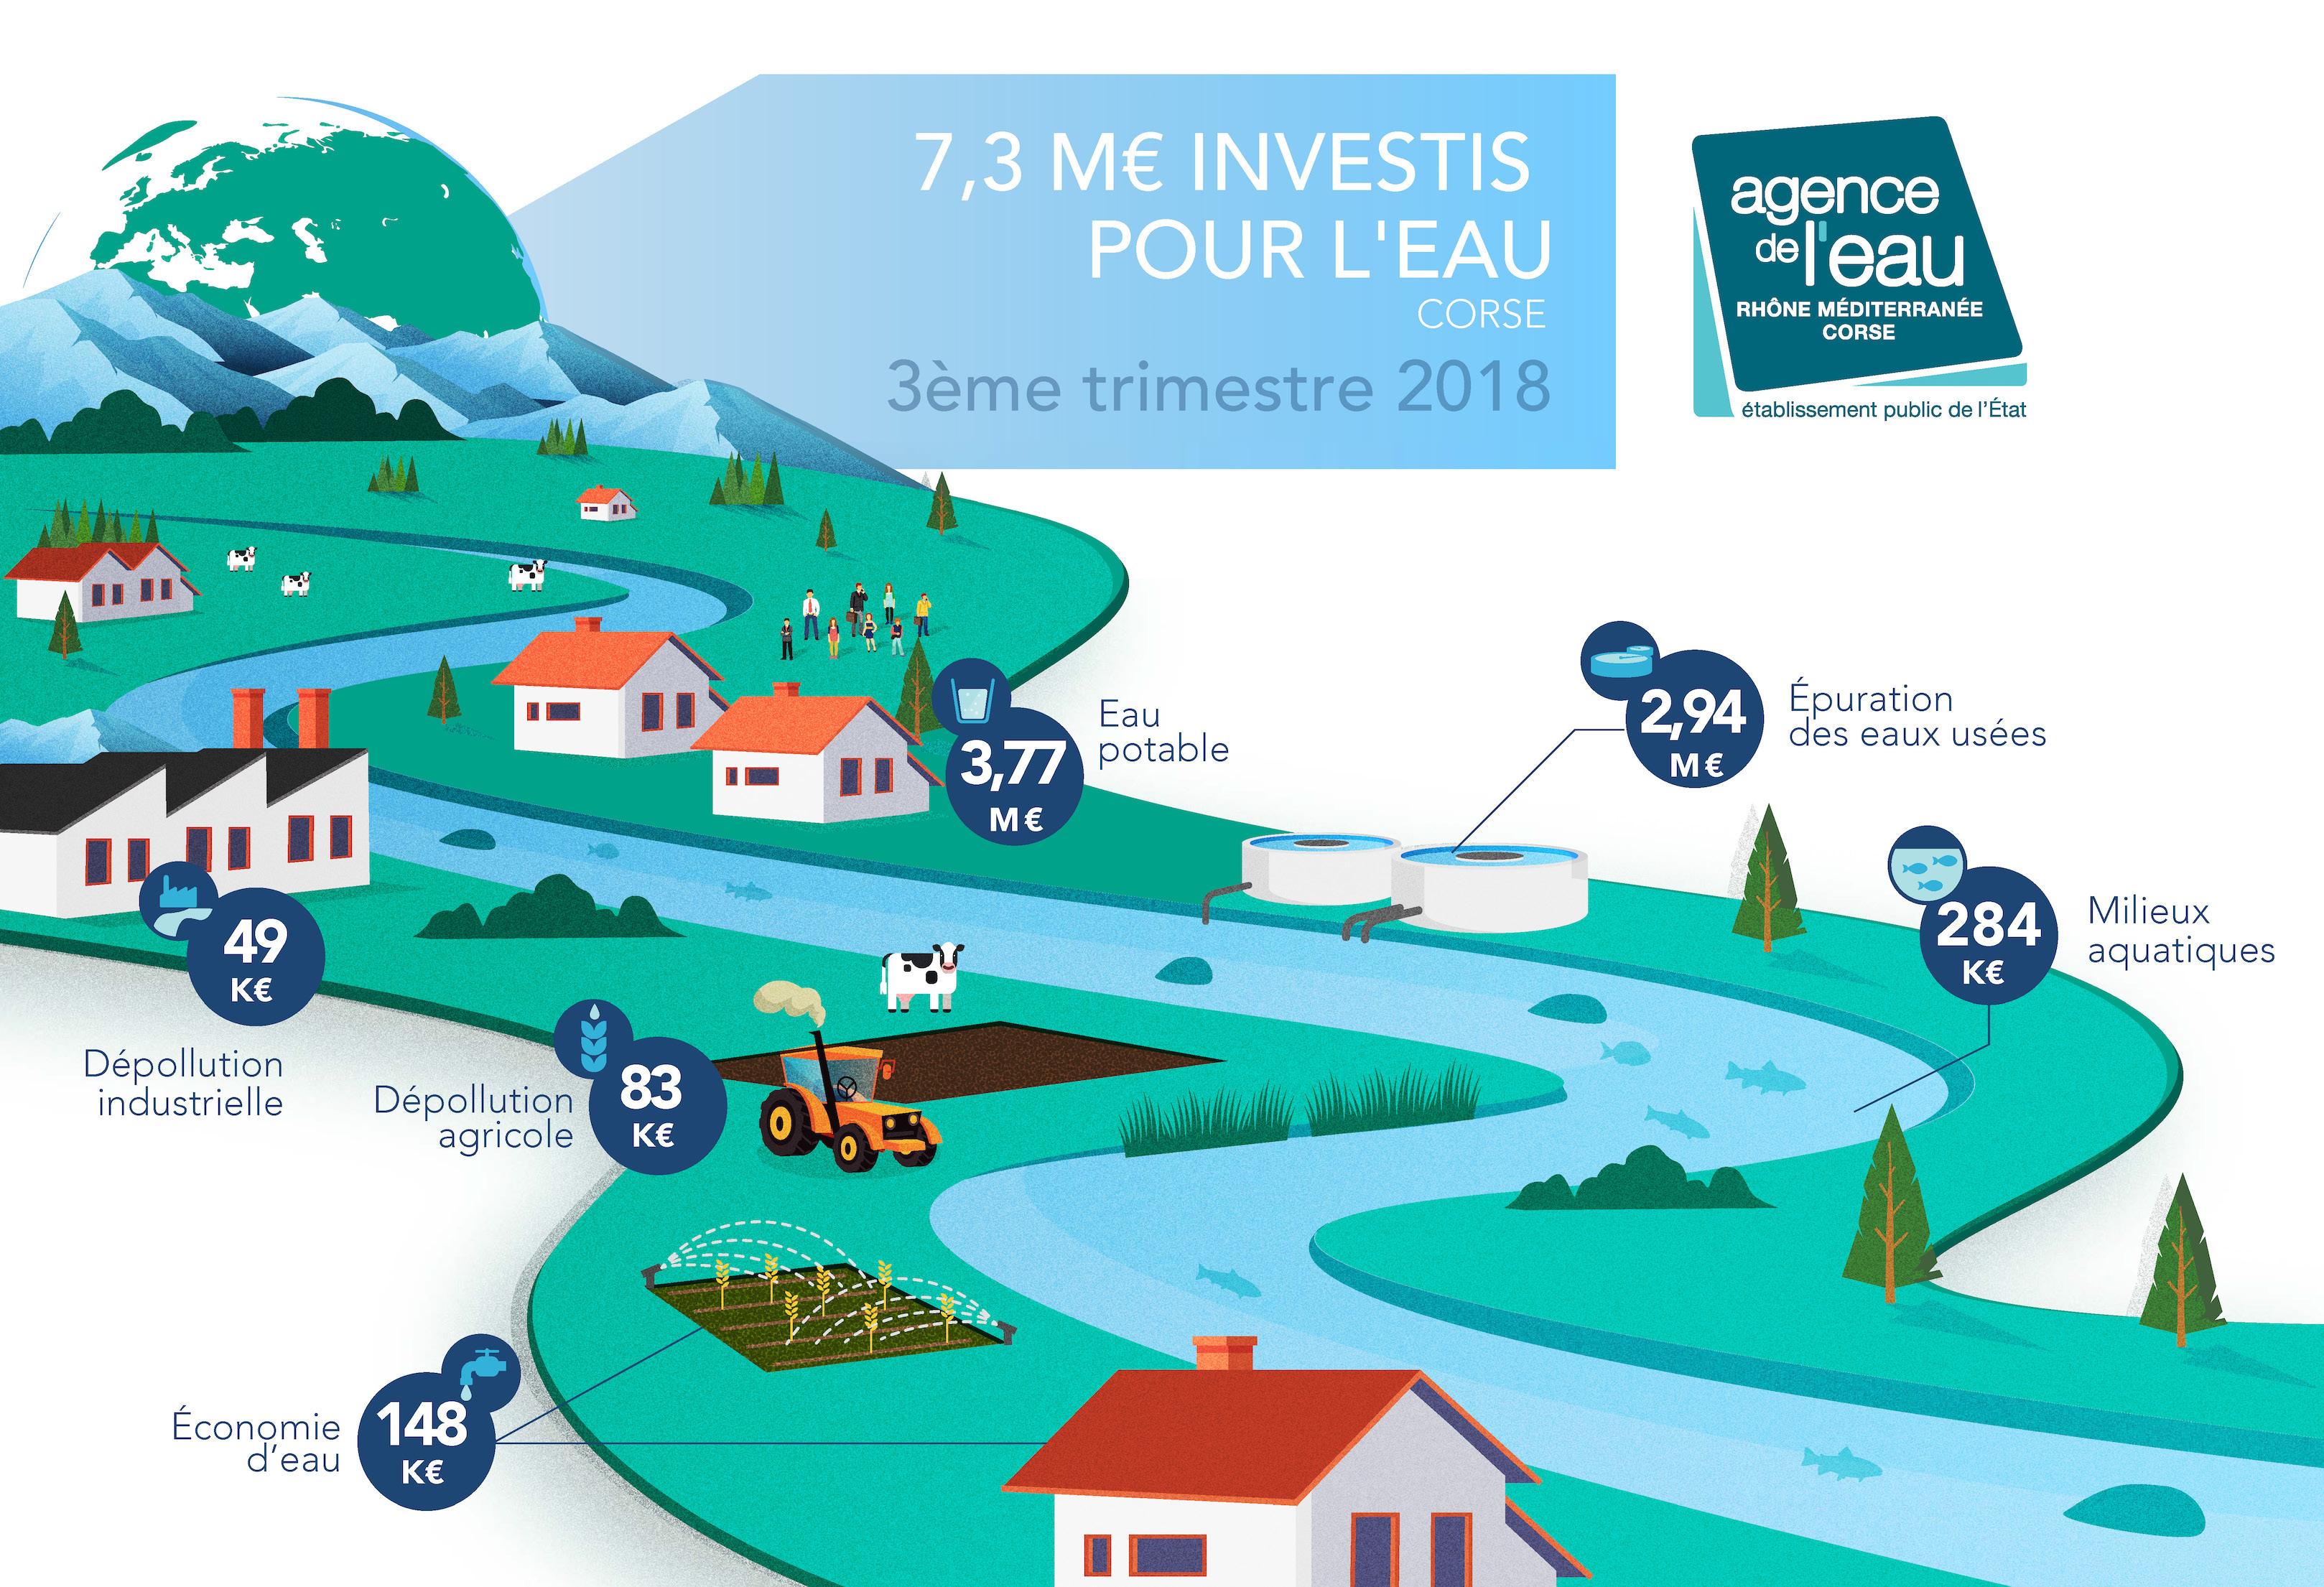 7,3 millions d'euros investis pour l'eau en Corse au 3ème trimestre 2018